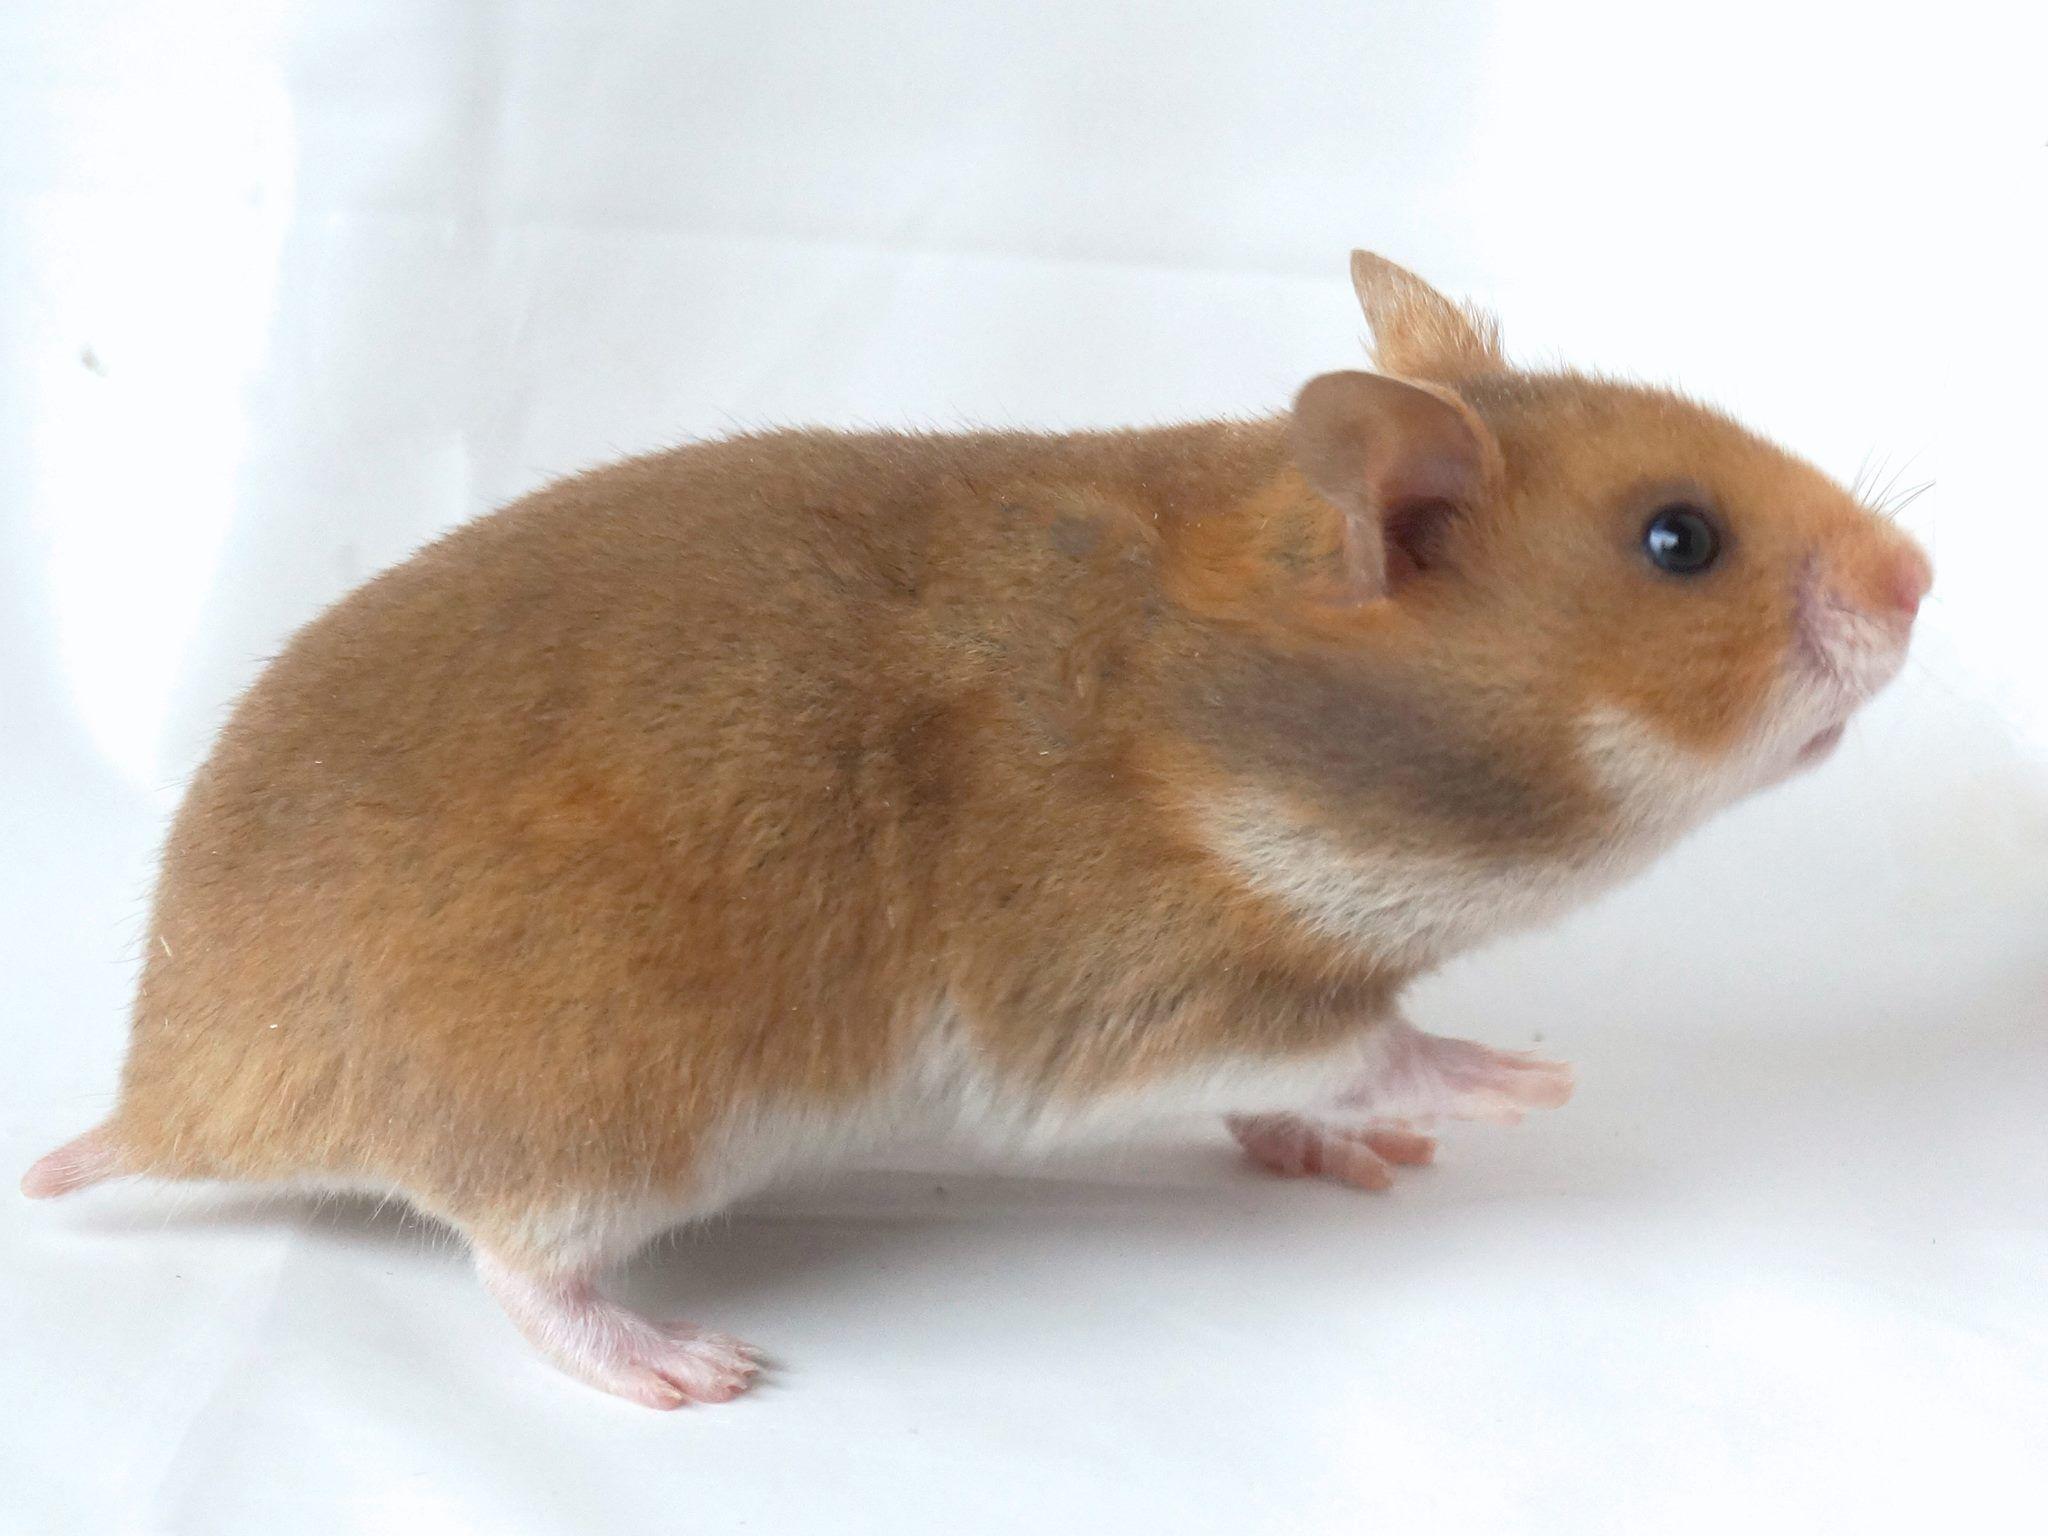 Jules Vanroe Jules Vanroe S Photos Facebook Syrian Hamster Cute Hamsters Hamster